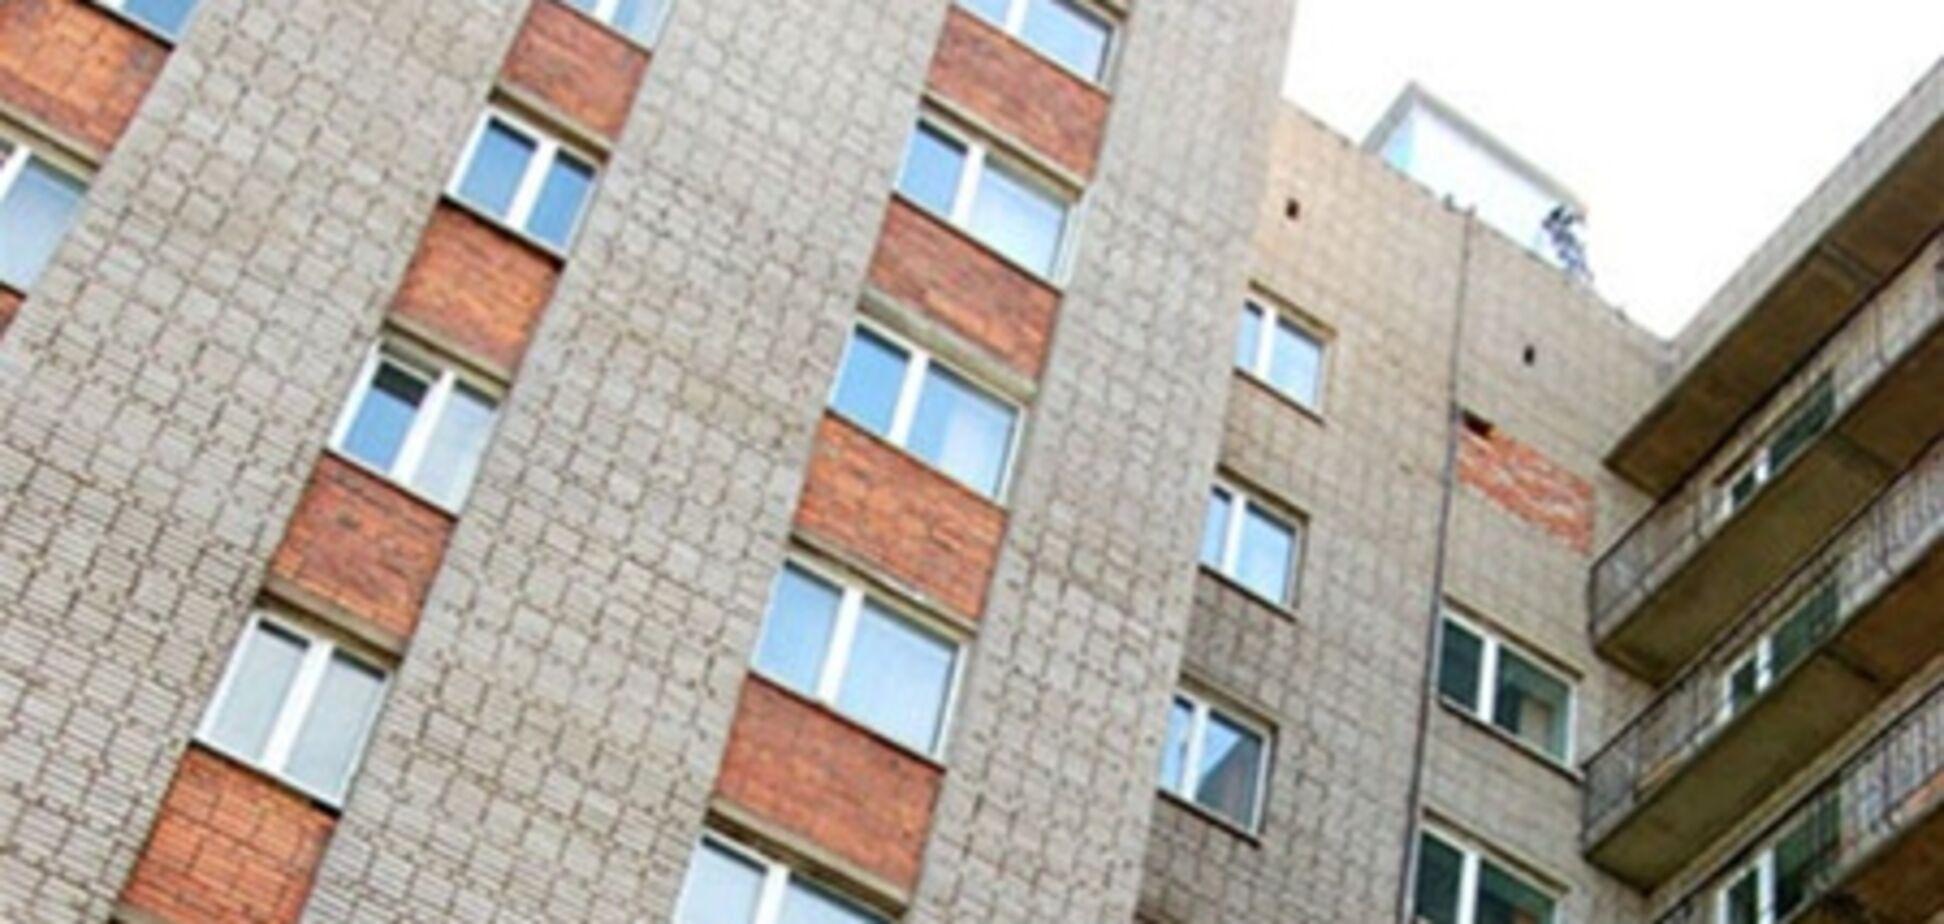 Жильцам разрешили приватизировать комнаты в общежитиях